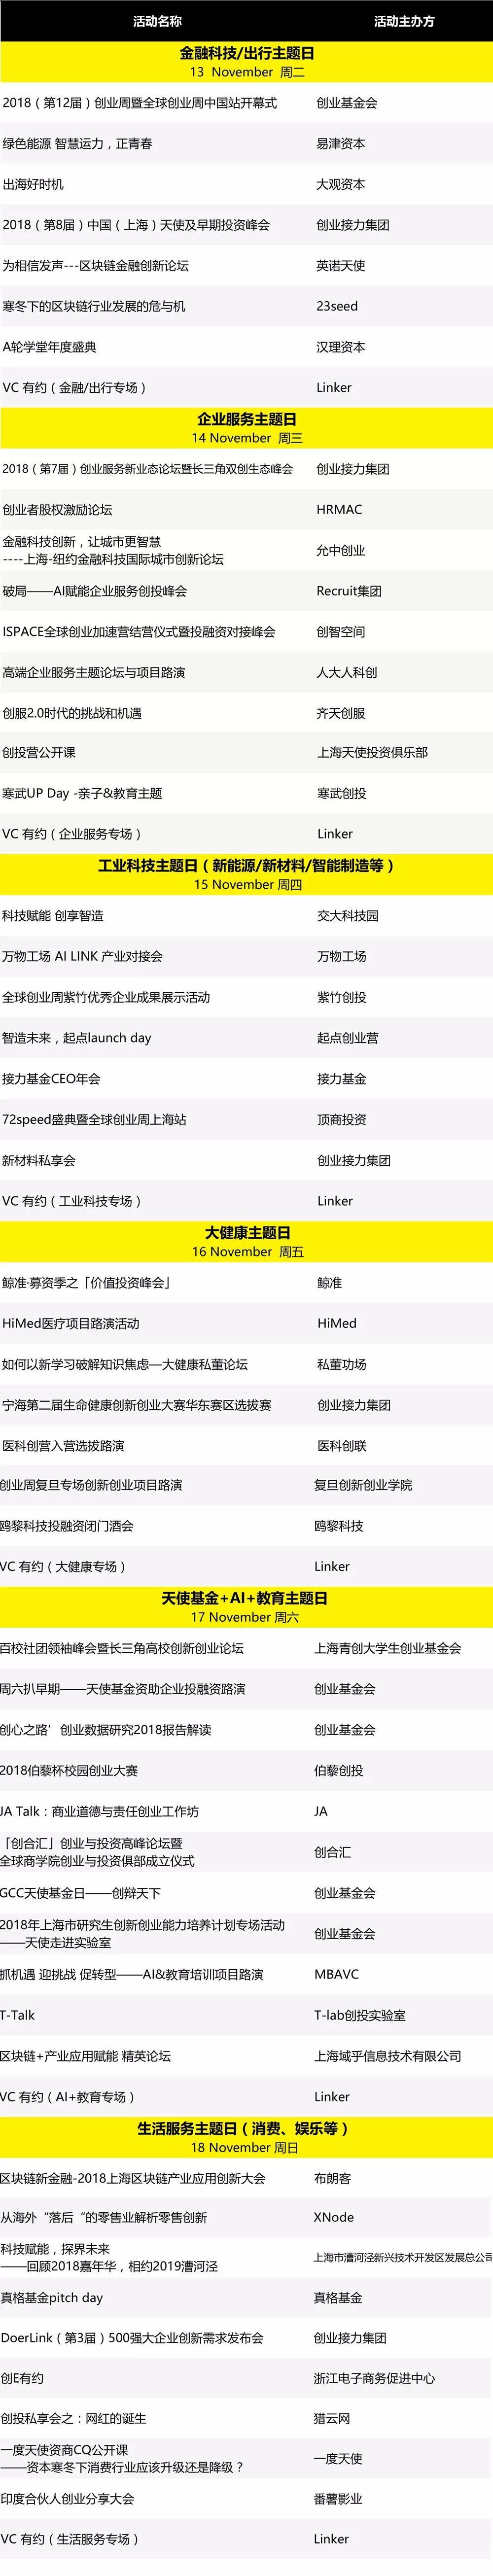 2018全球创业周中国站报名启动